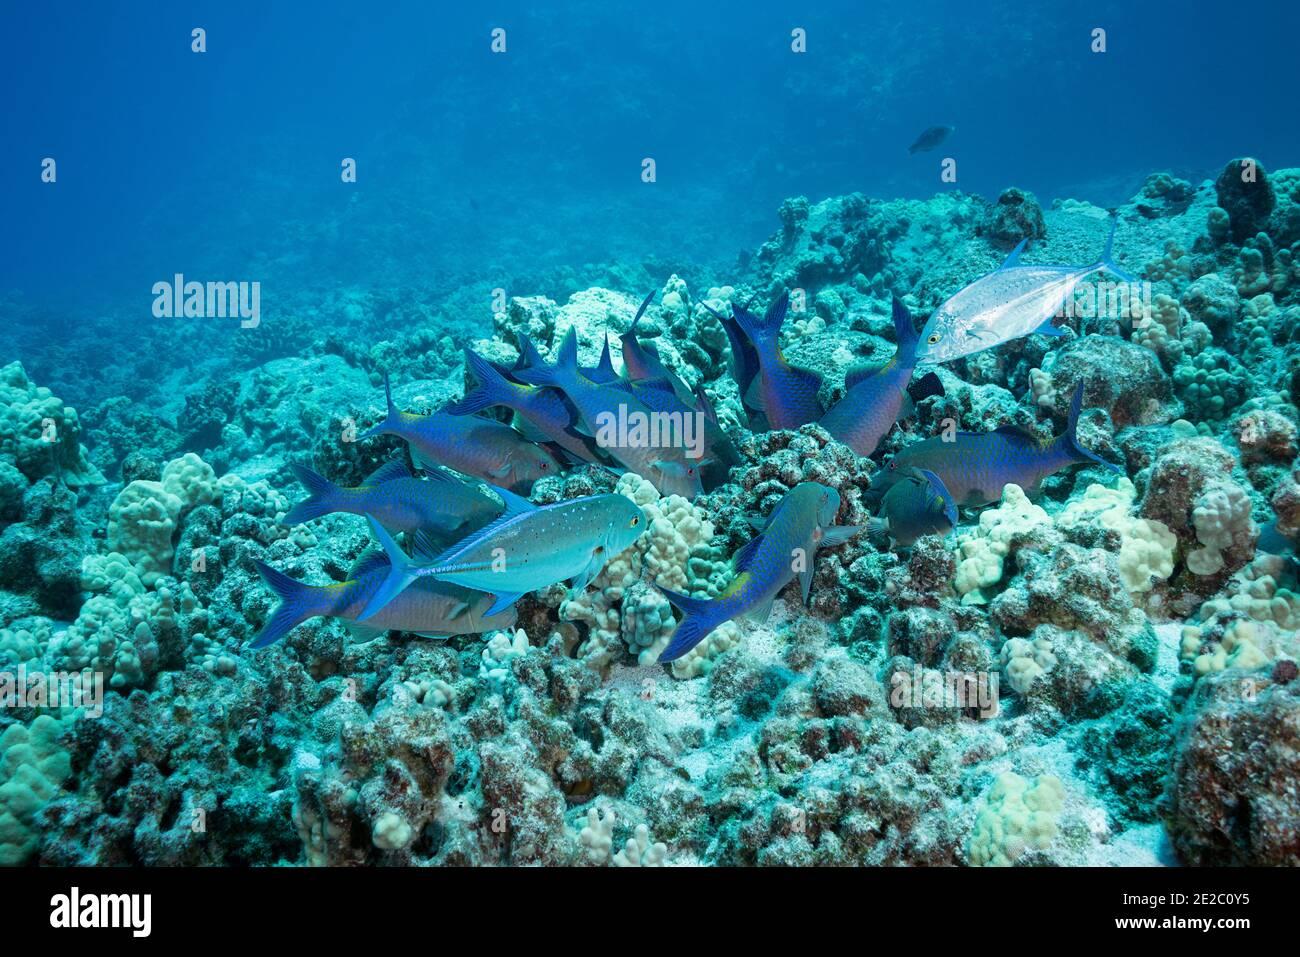 Jagd Koalition von blauen Goatfish und Blauflossen Jacks; Goatfish Beute aus Korallen und Jacks ergreifen alle, die versuchen zu fliehen; Kona, Hawaii, USA Stockfoto